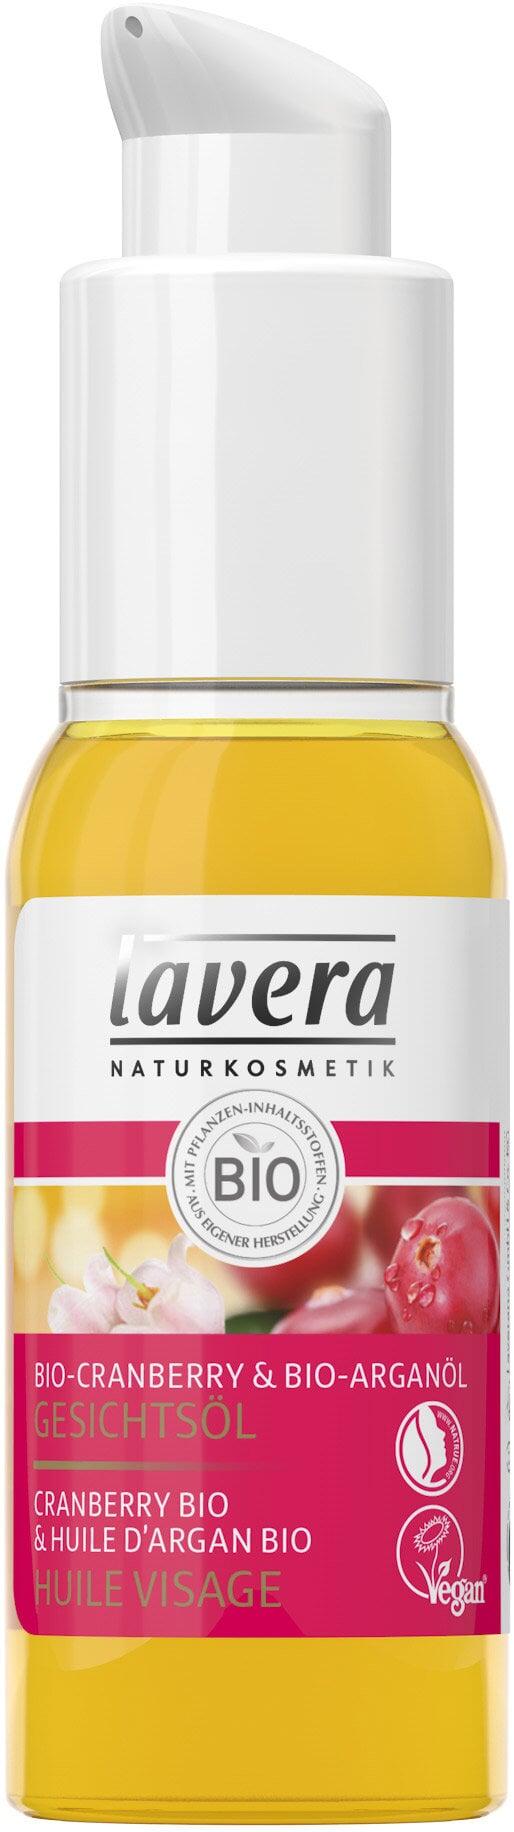 Facial Oil Cranberry & Argan Oil (Droge Huid) - 30ml Lavera